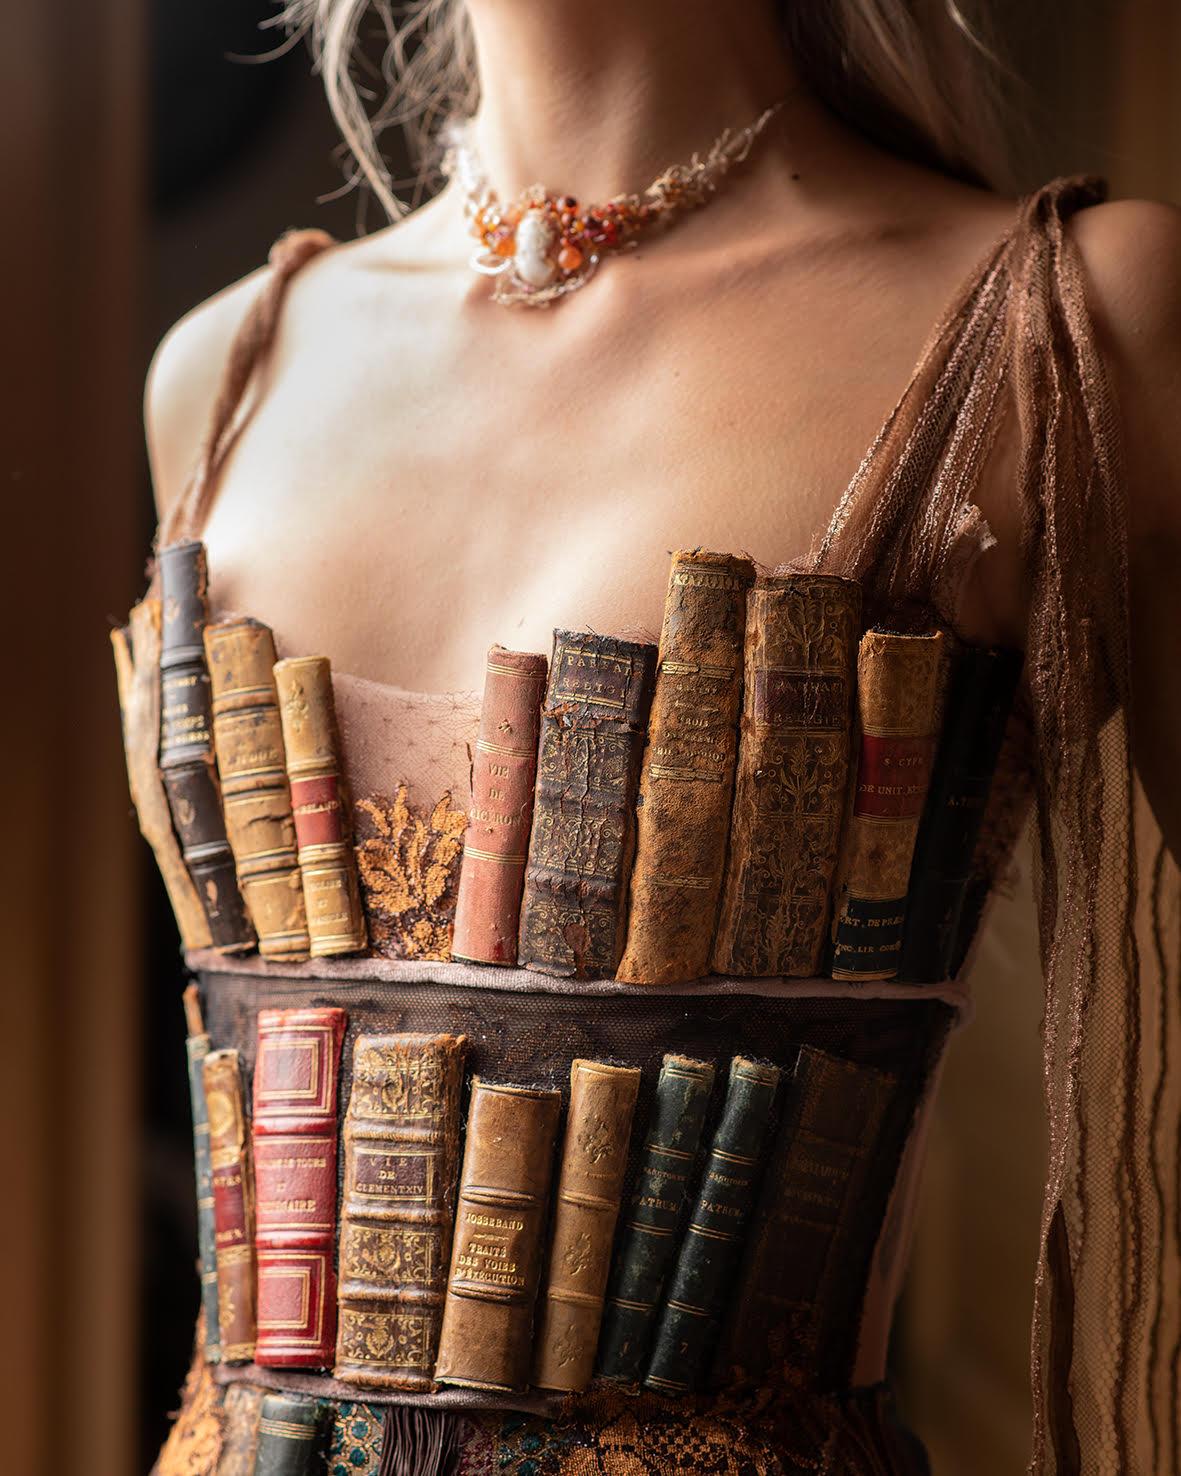 Robe livre Sylvie Facon, tranches de livres